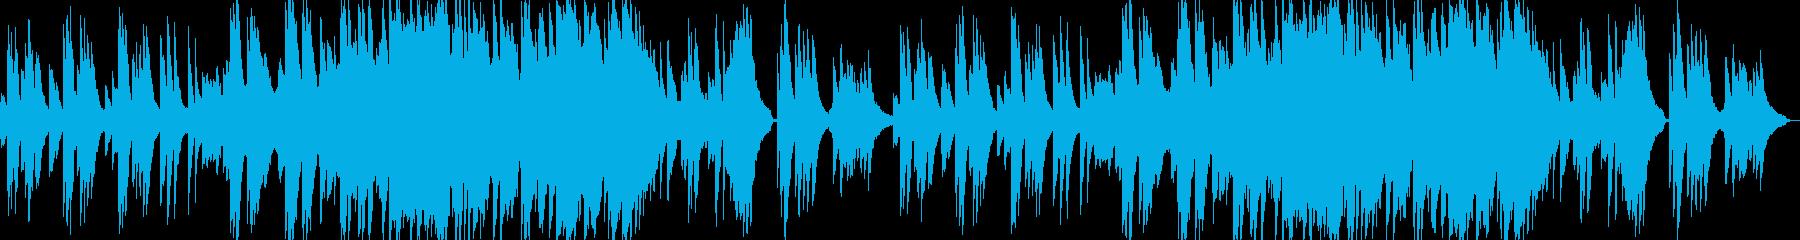 感動的できれいなピアノバラードの再生済みの波形